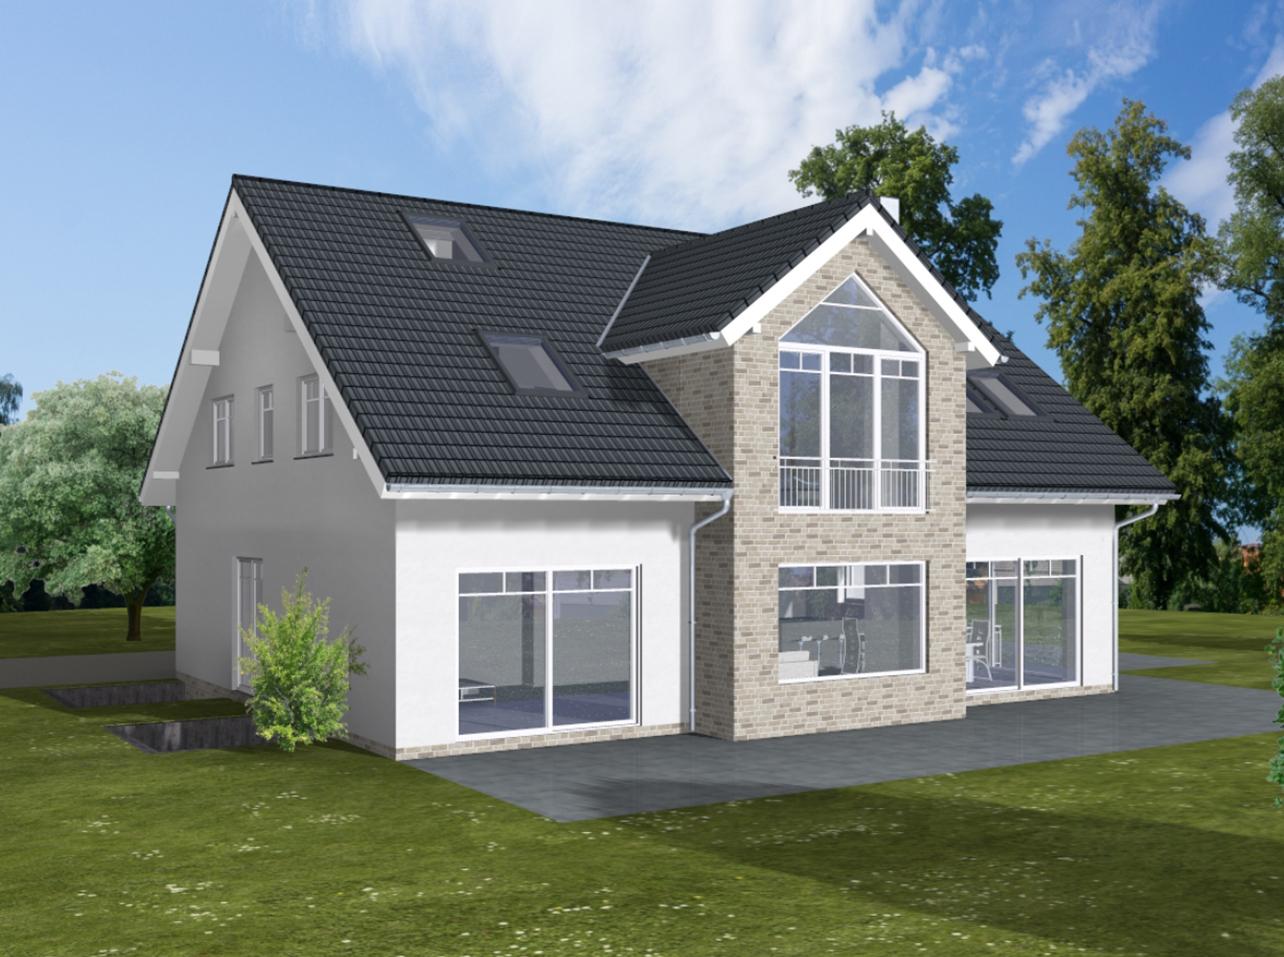 ARTOS HAUS Bauvorhaben Bonn-Ückesdorf, Einfamilienhaus Individuell geplant und gebaut 2021.